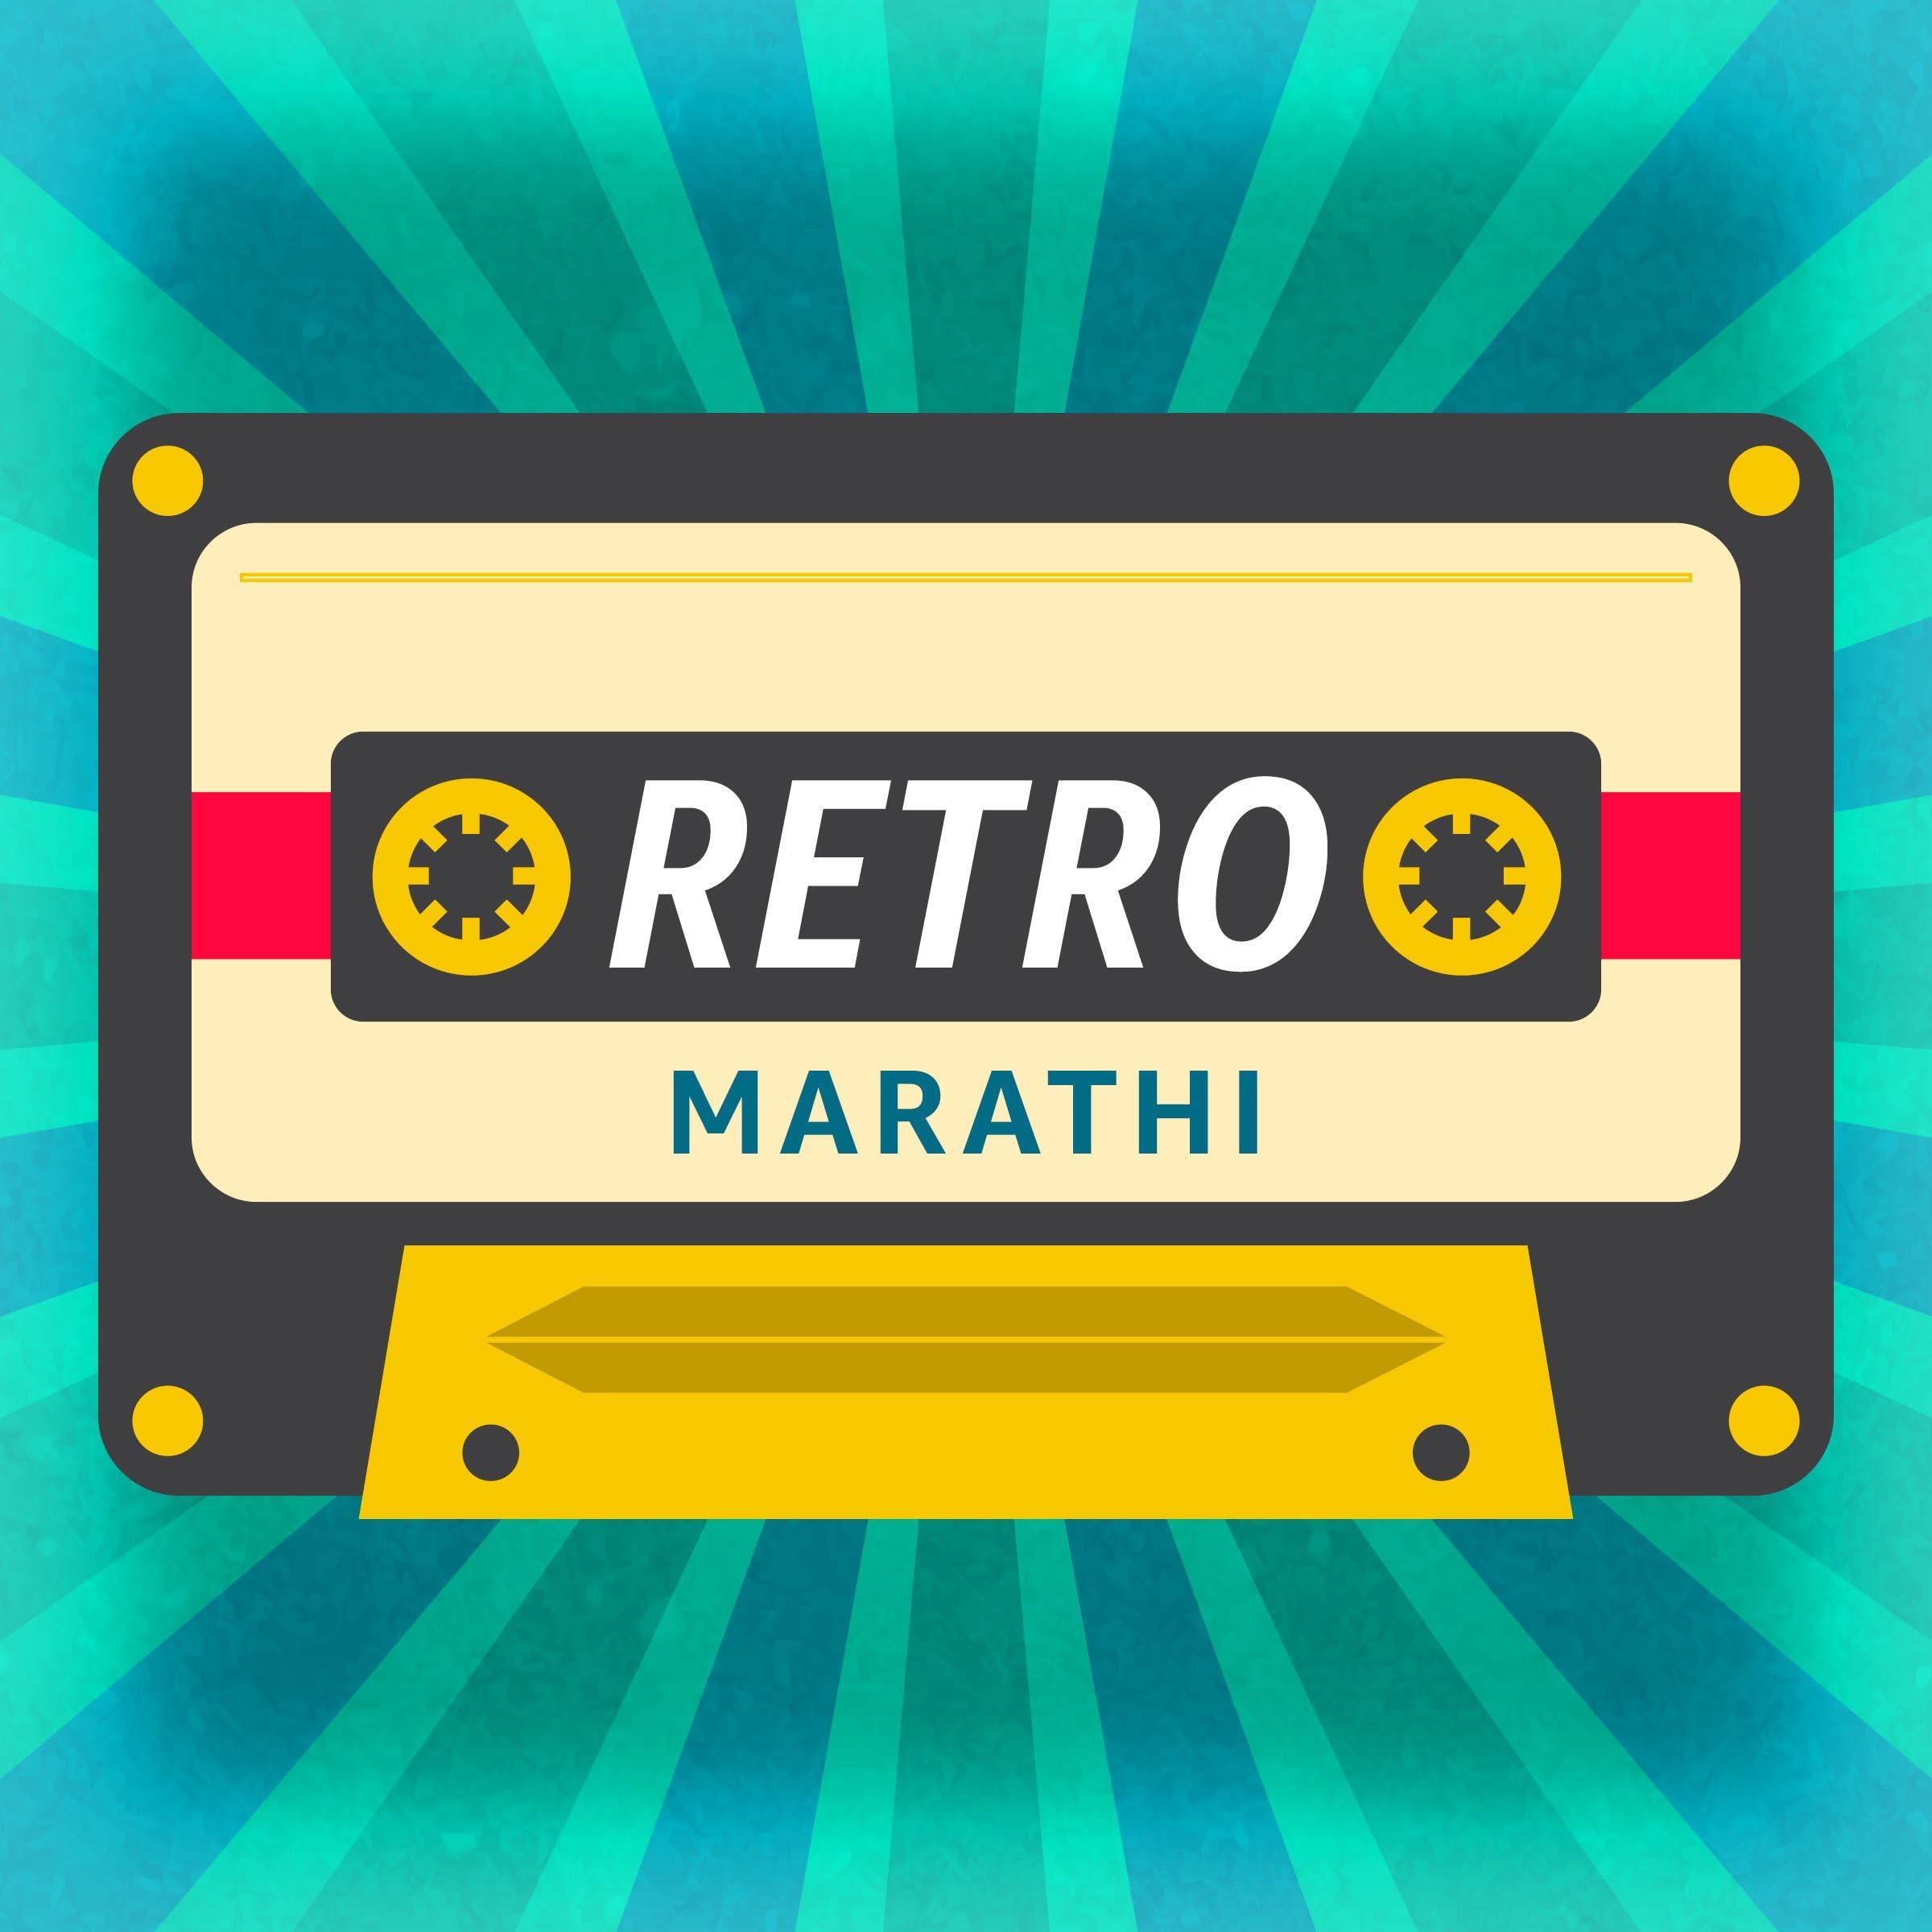 Retro Marathi